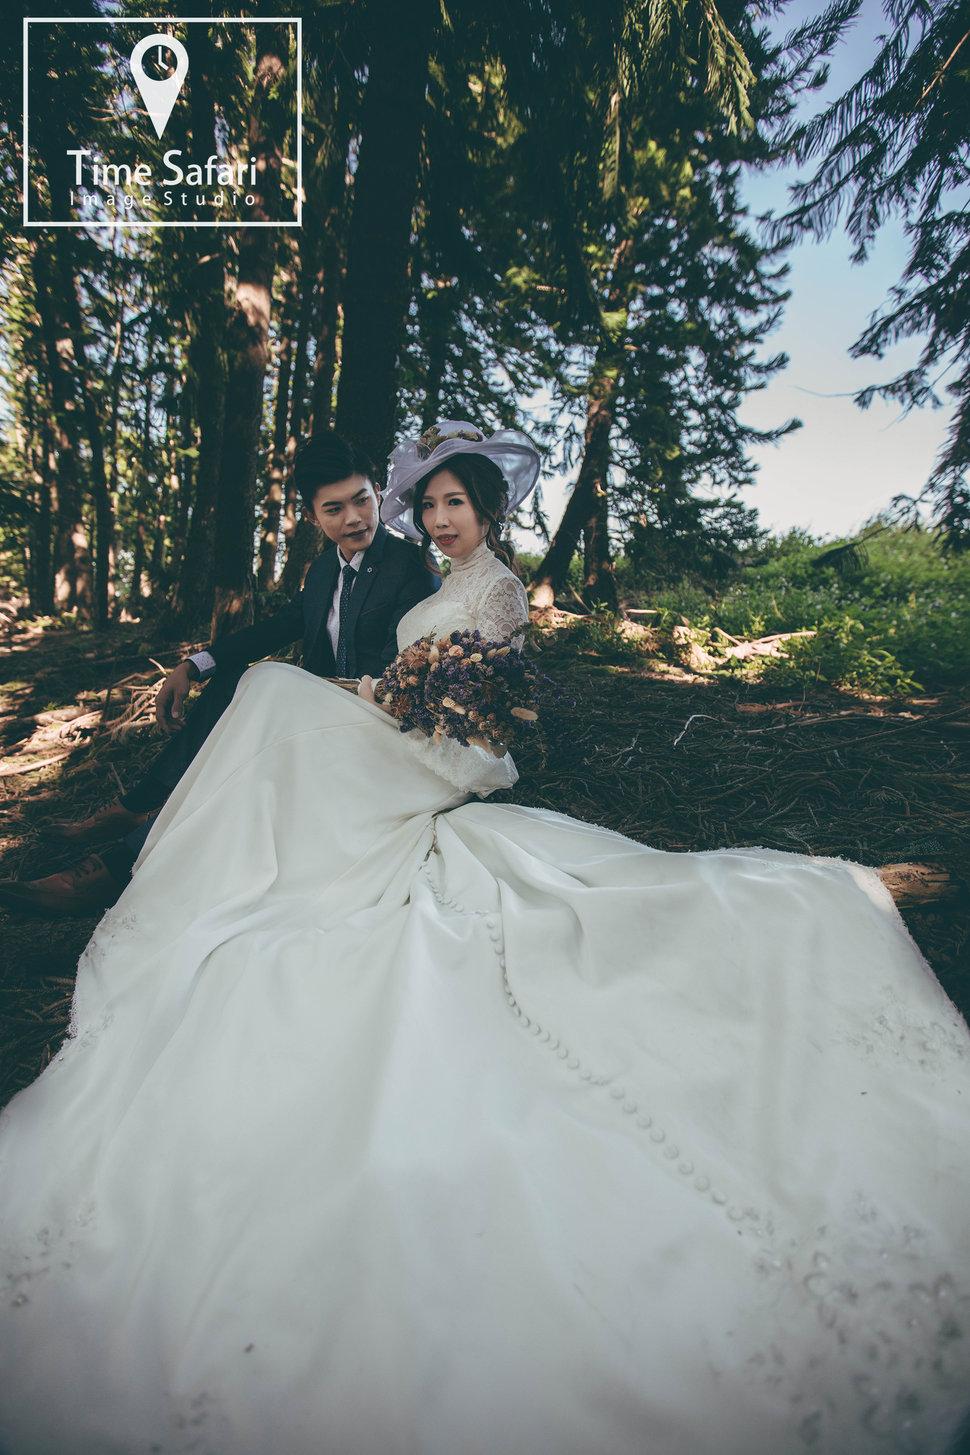 [經典、東方婚紗]因為有你(編號:306159) - TS image studio 時光行旅 - 結婚吧